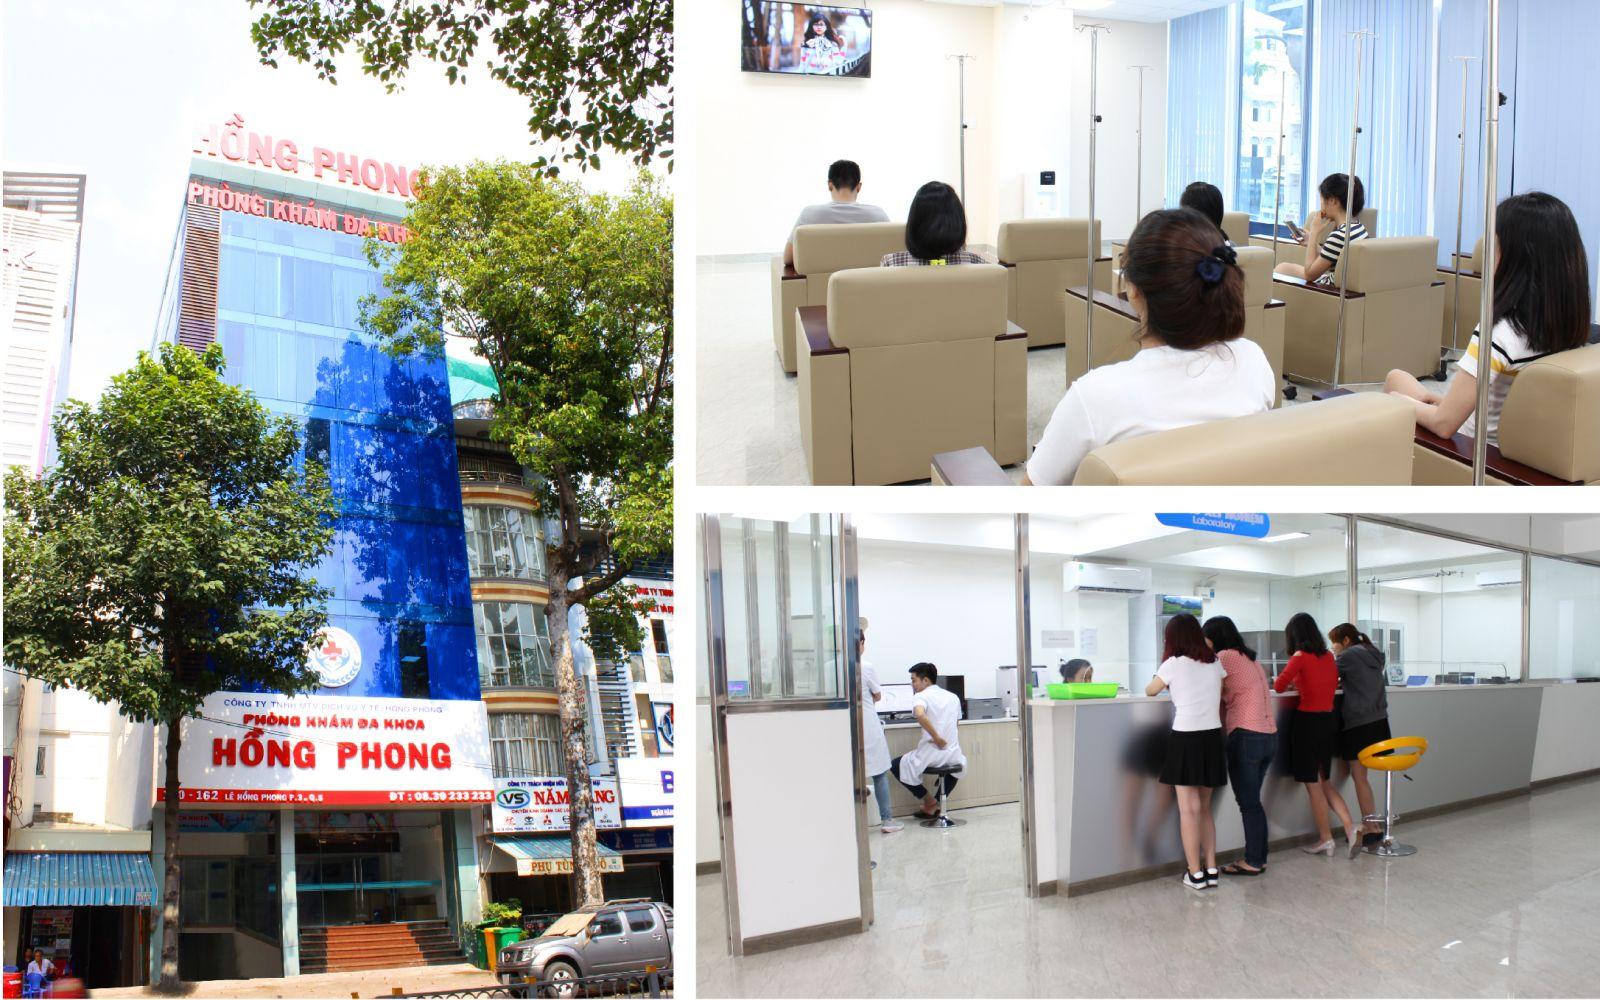 Môi trường khám chữa bệnh tại phòng khám đa khoa Hồng Phong